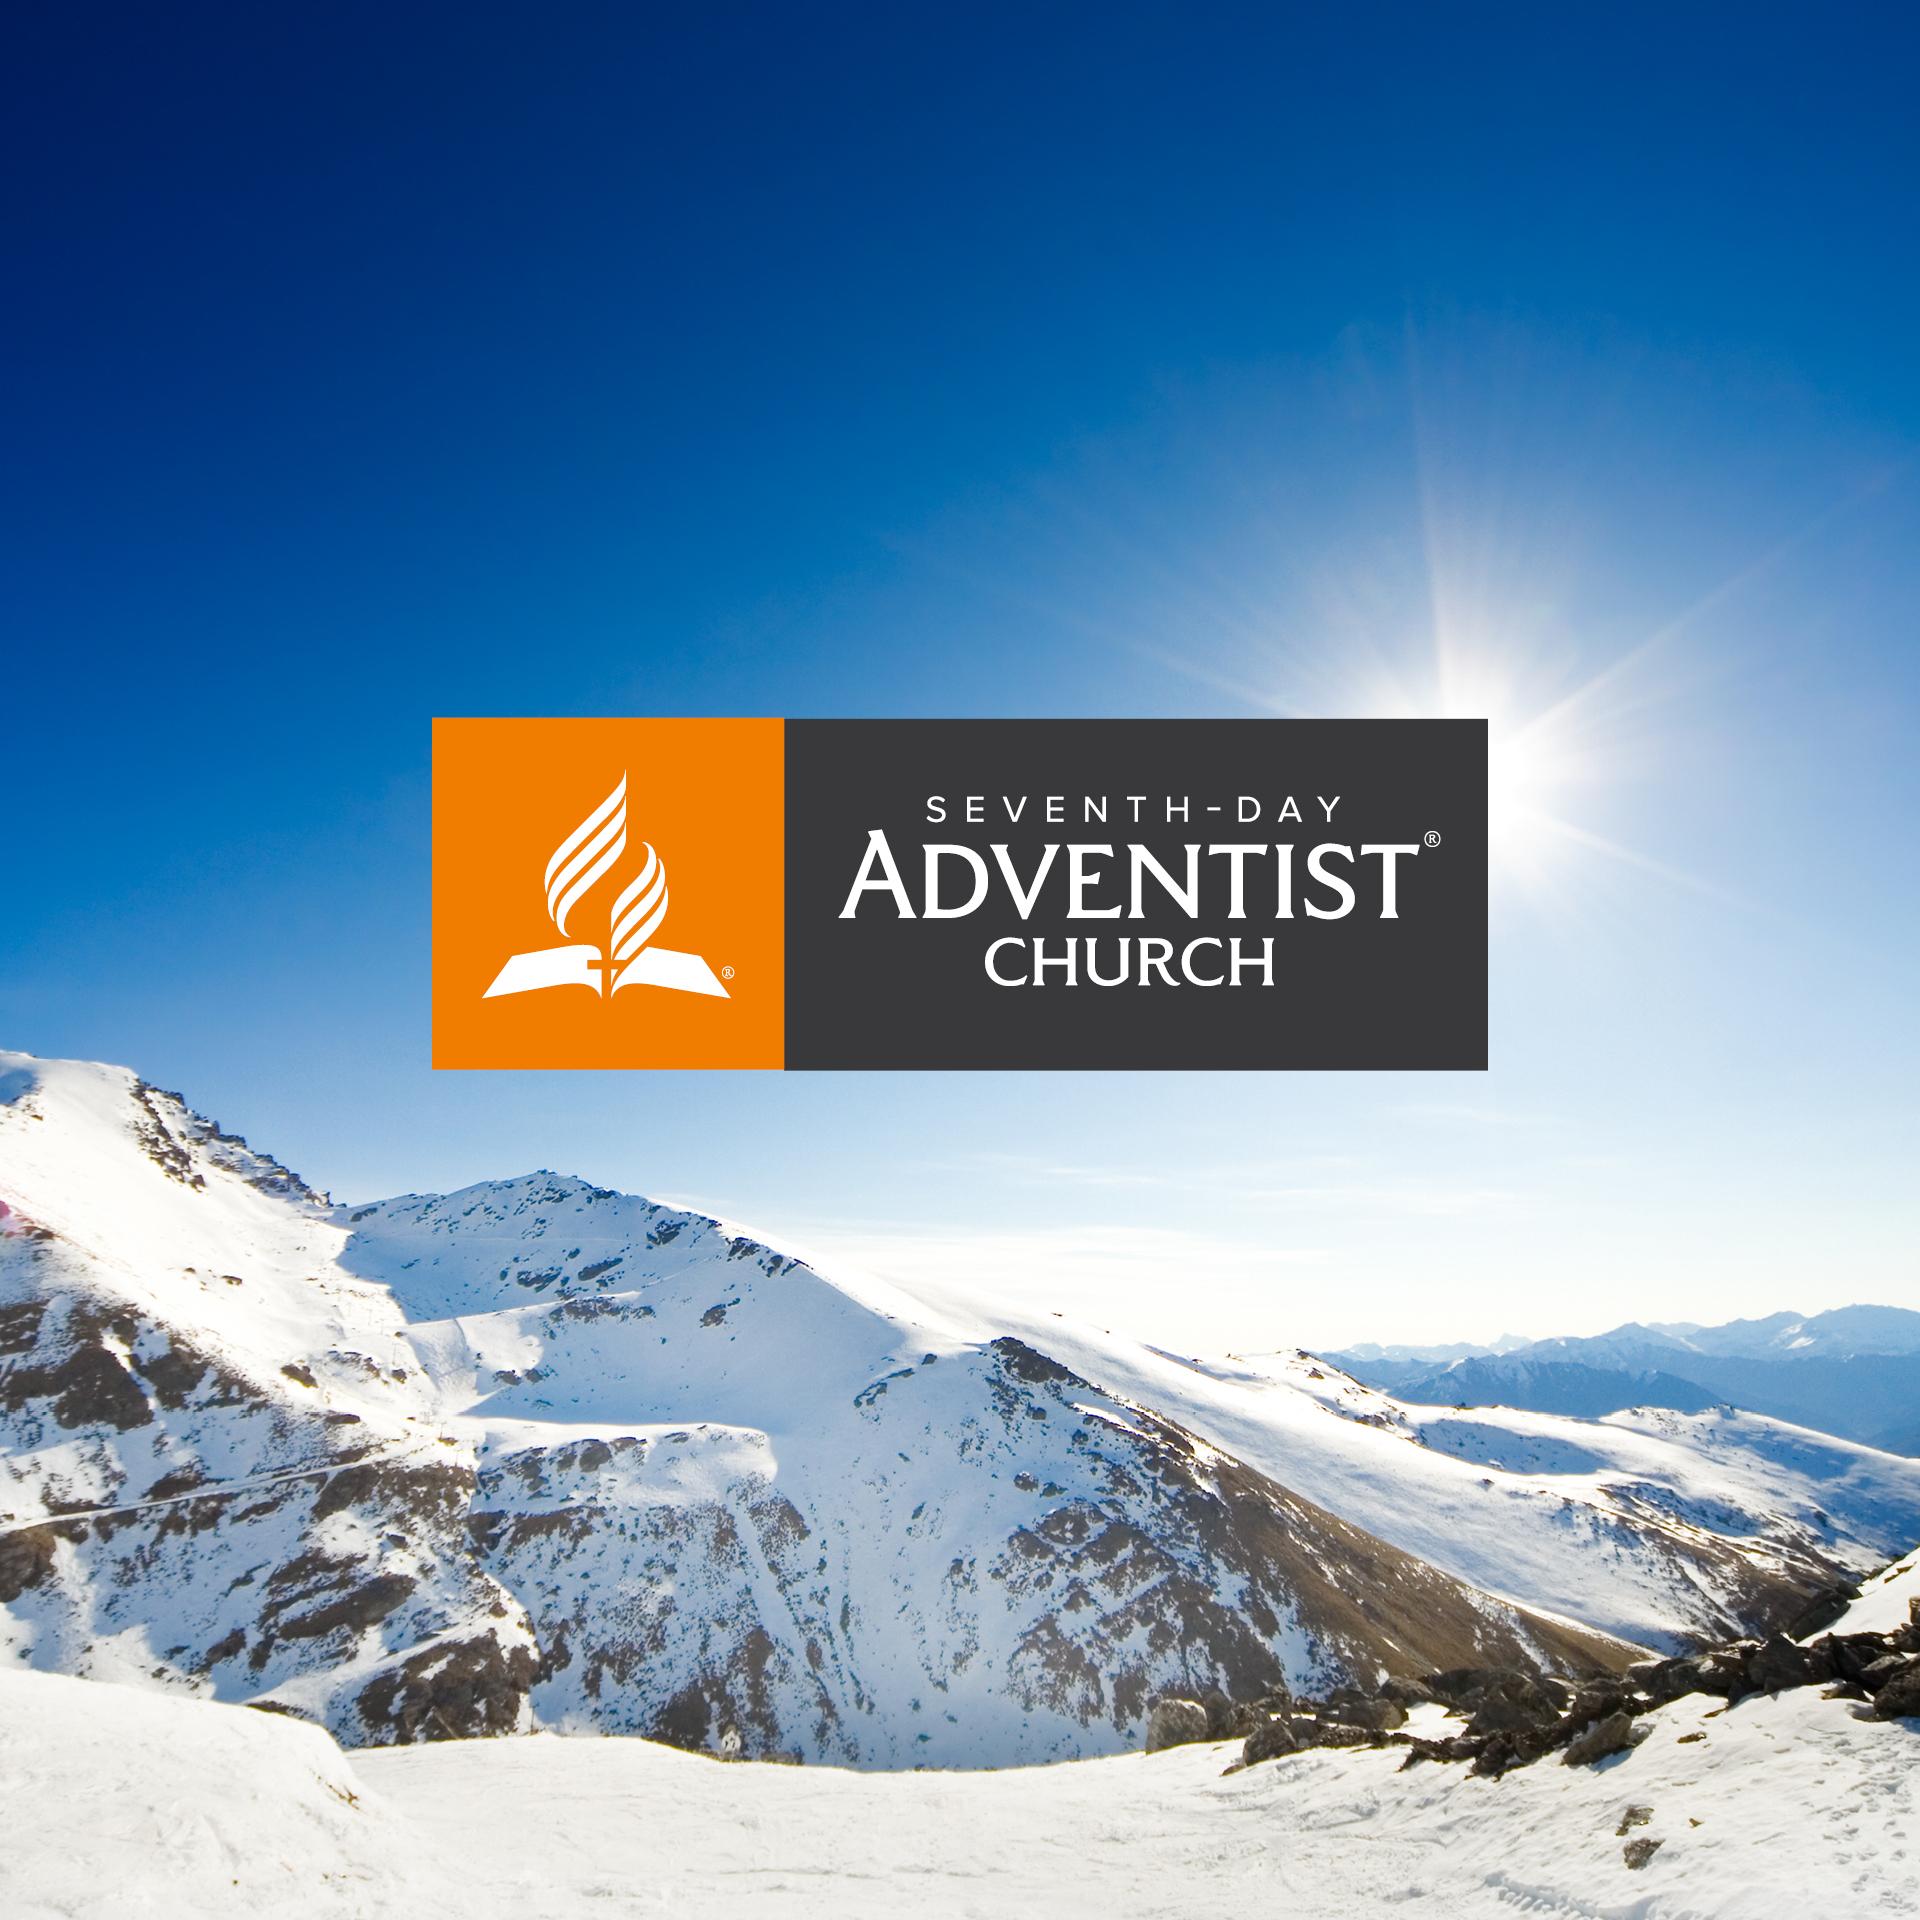 Seventh-day Adventist Church Branding